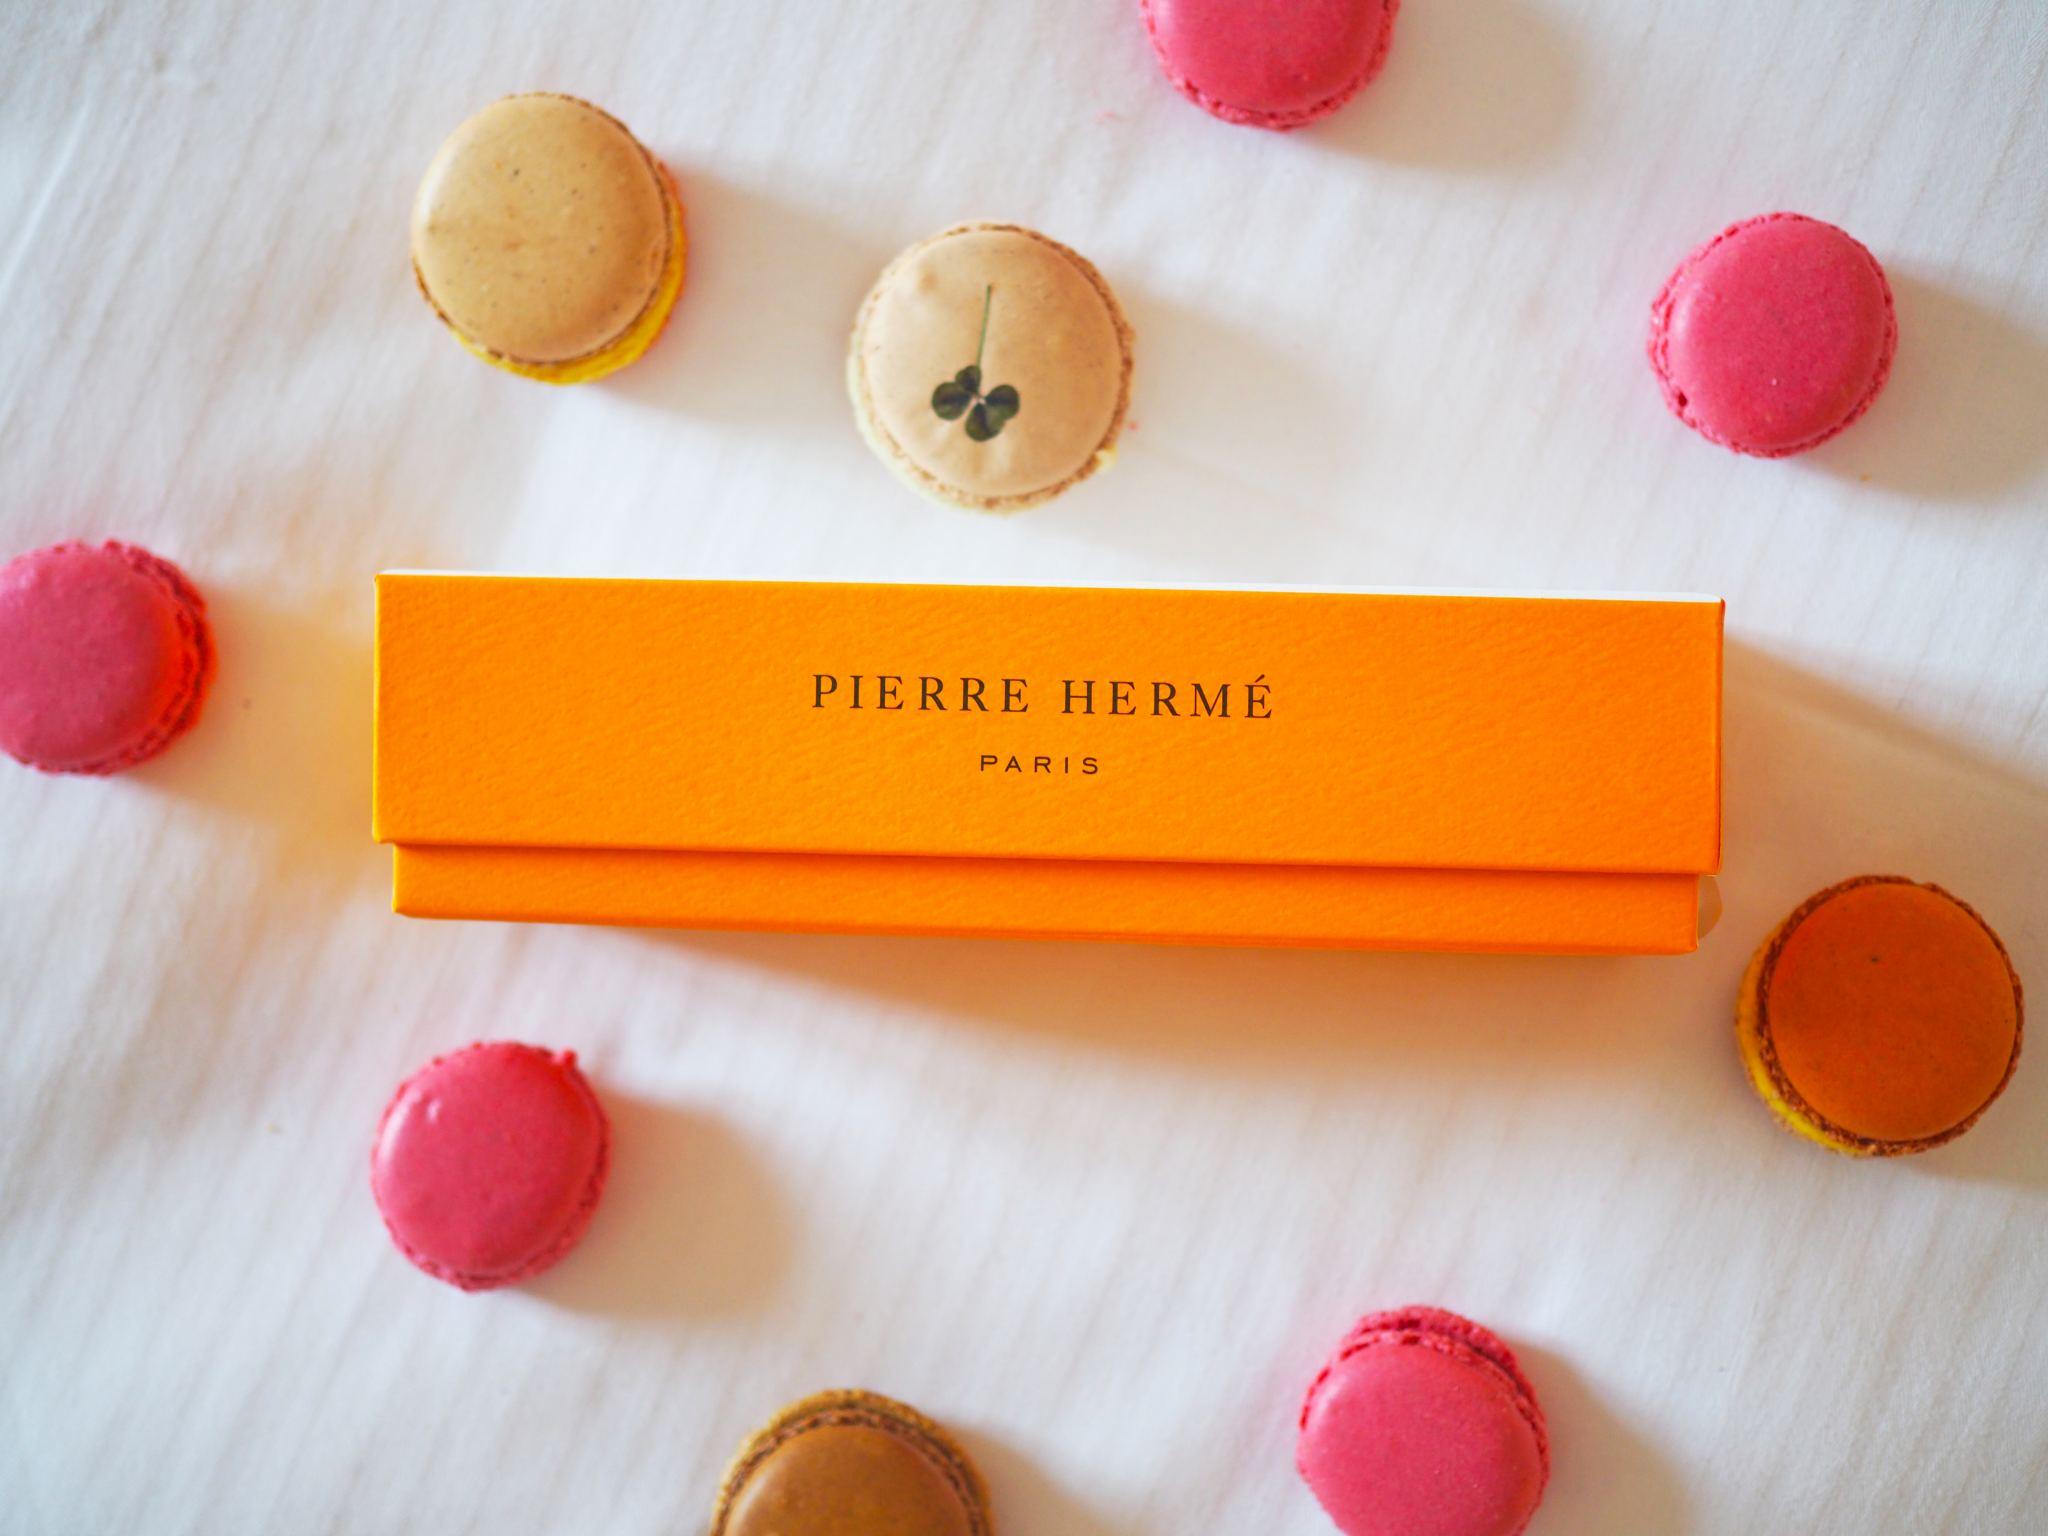 Pierre Hermé, Paris